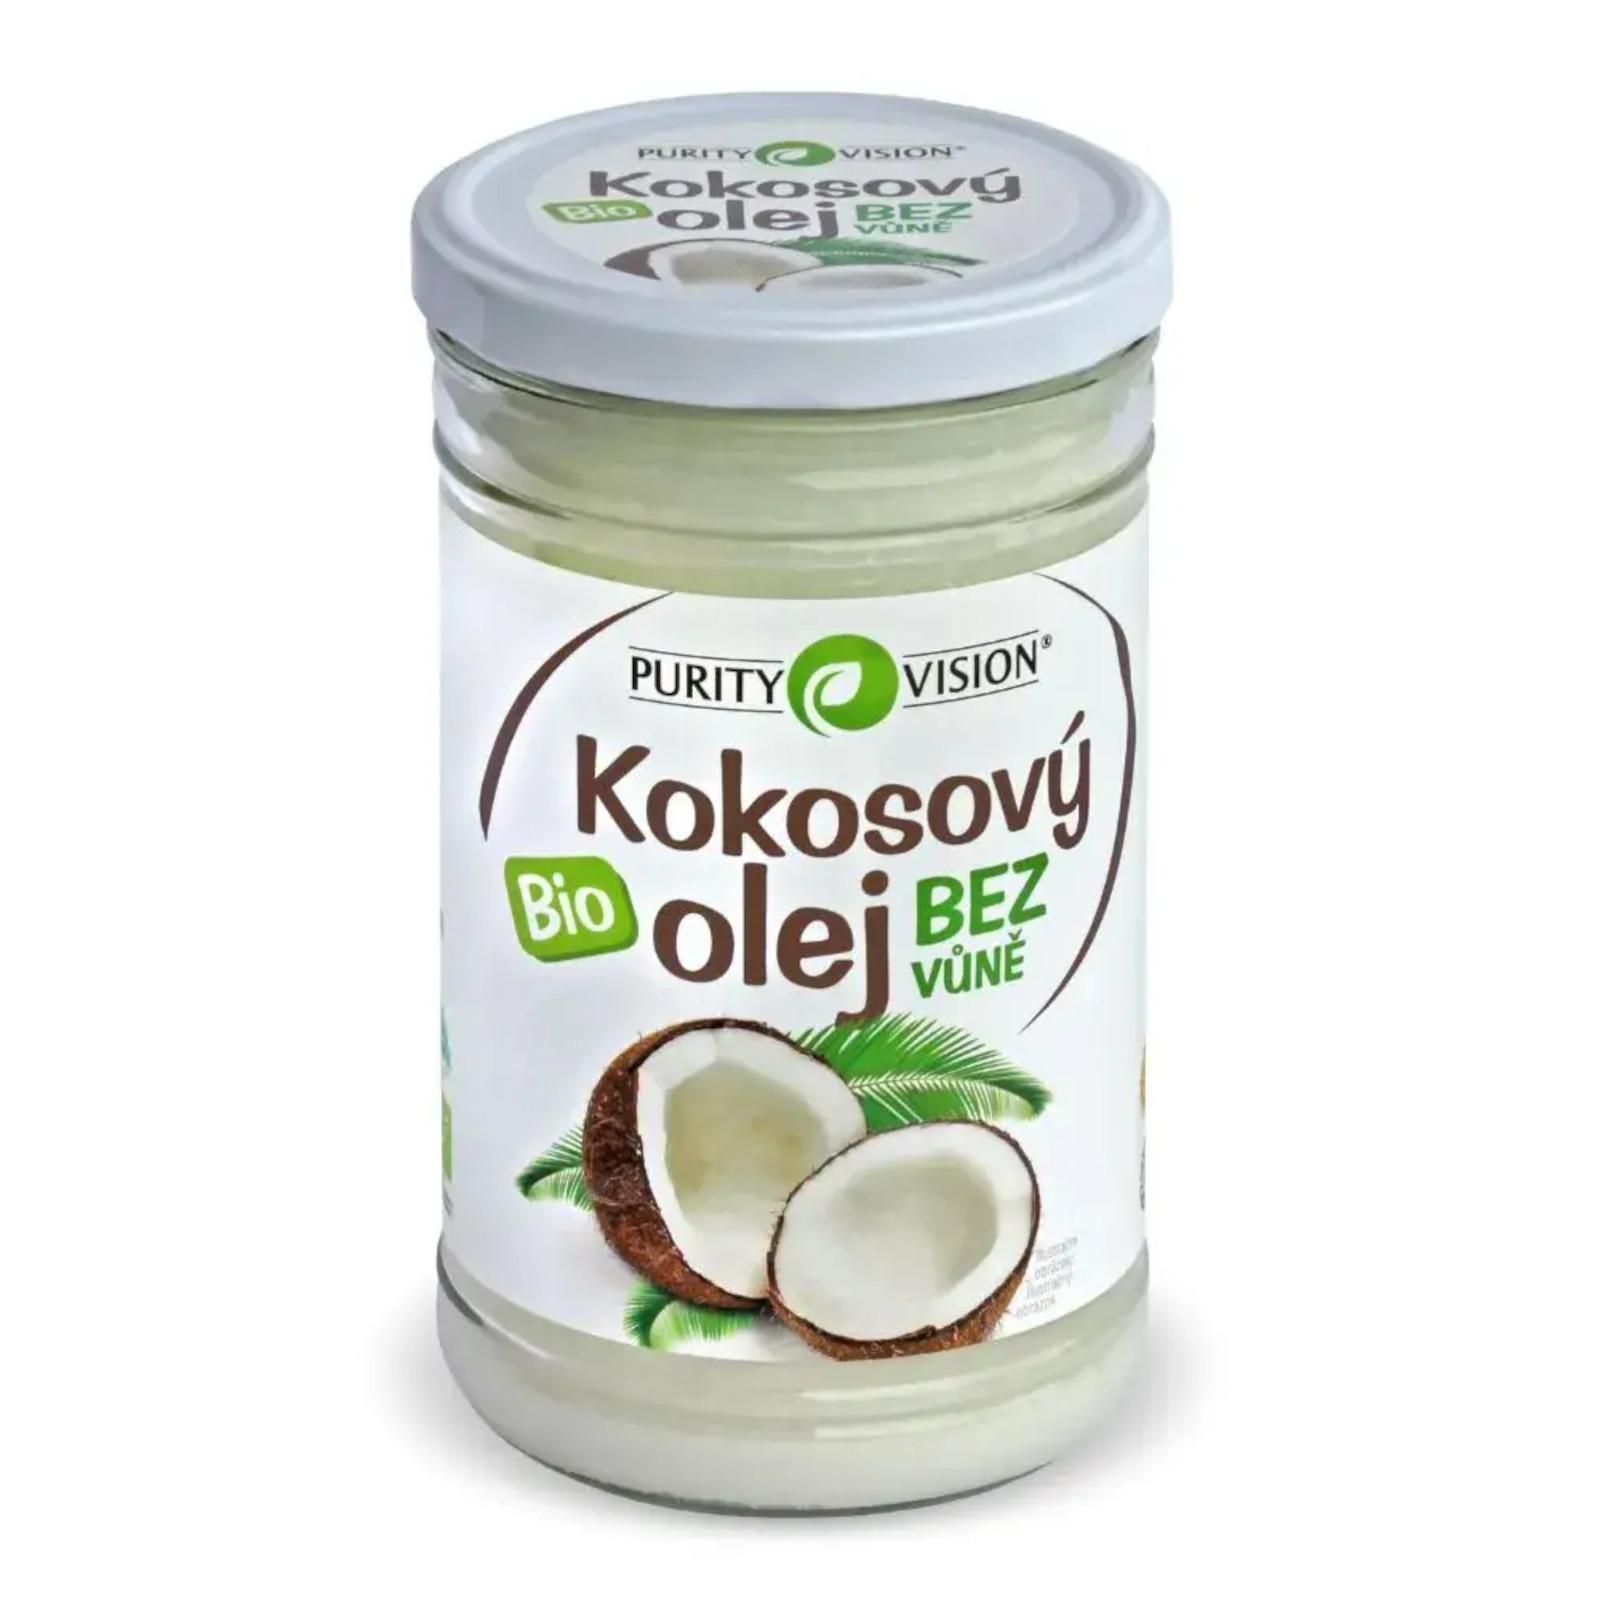 Purity Vision Bio Kokosový olej bez vůně ve skle 900 ml